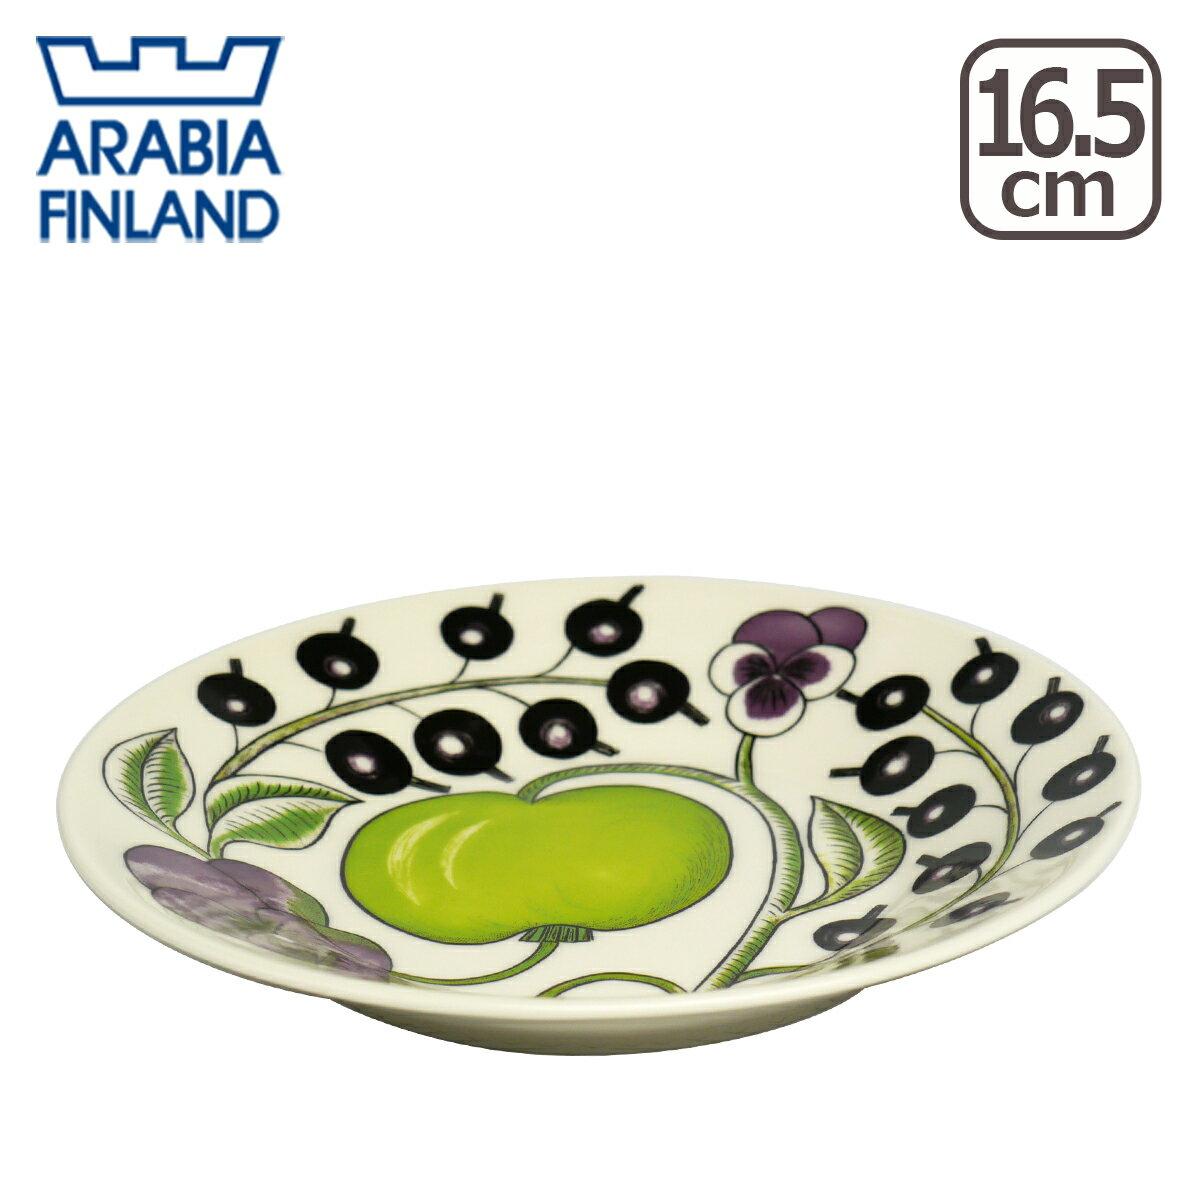 【Max1,000円OFFクーポン】アラビア(Arabia) パラティッシ(Paratiisi) パープル 16.5cmプレート 北欧 フィンランド 食器 (Purple)